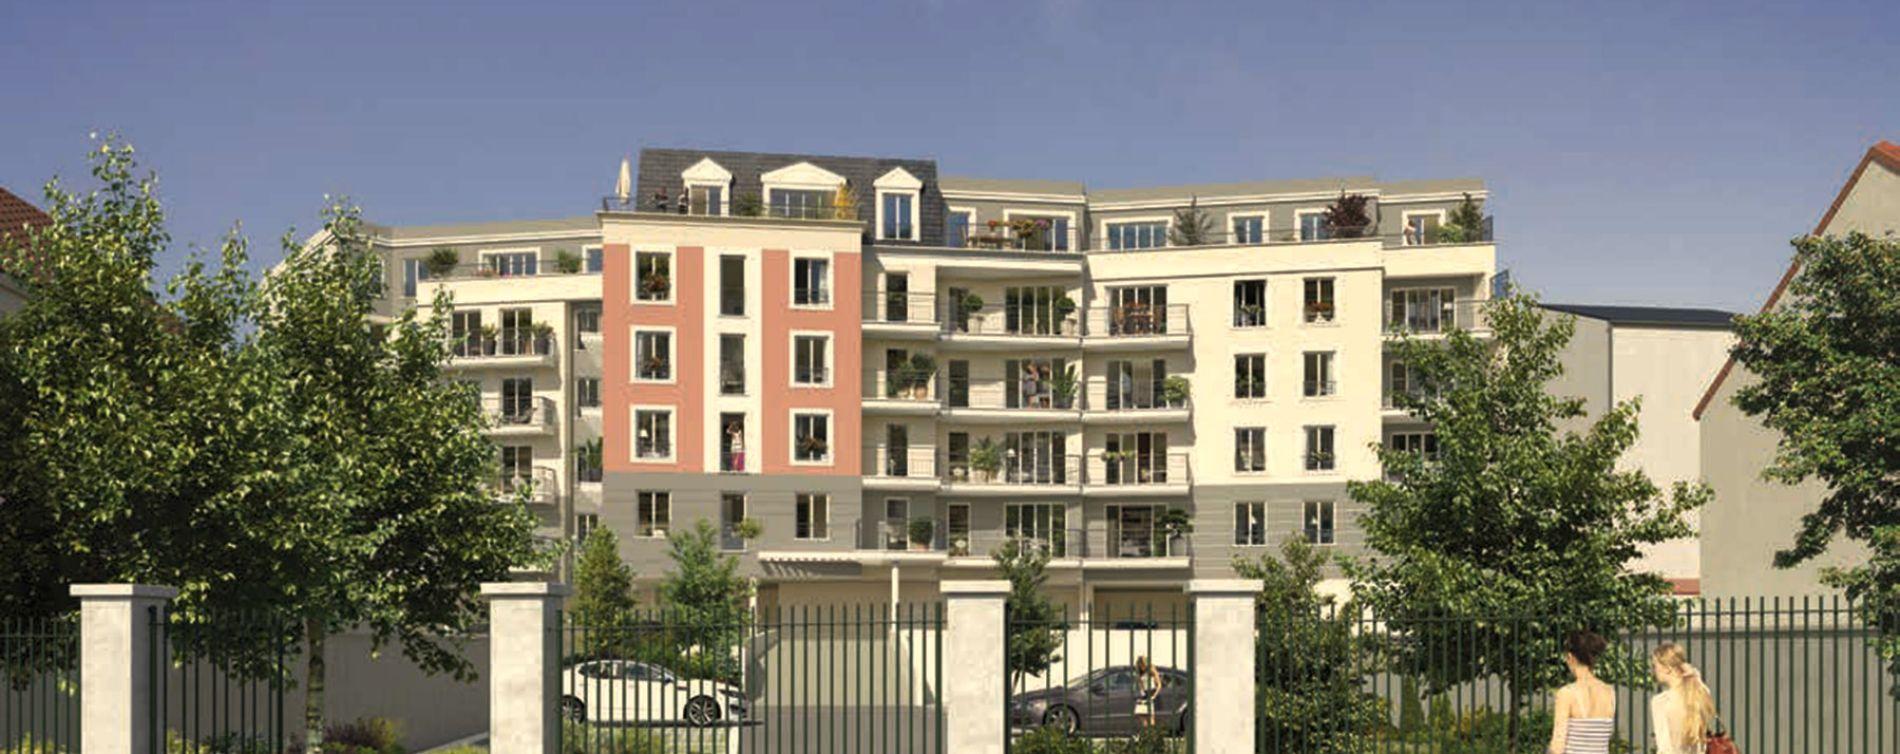 Résidence Central Plaza à Juvisy-sur-Orge